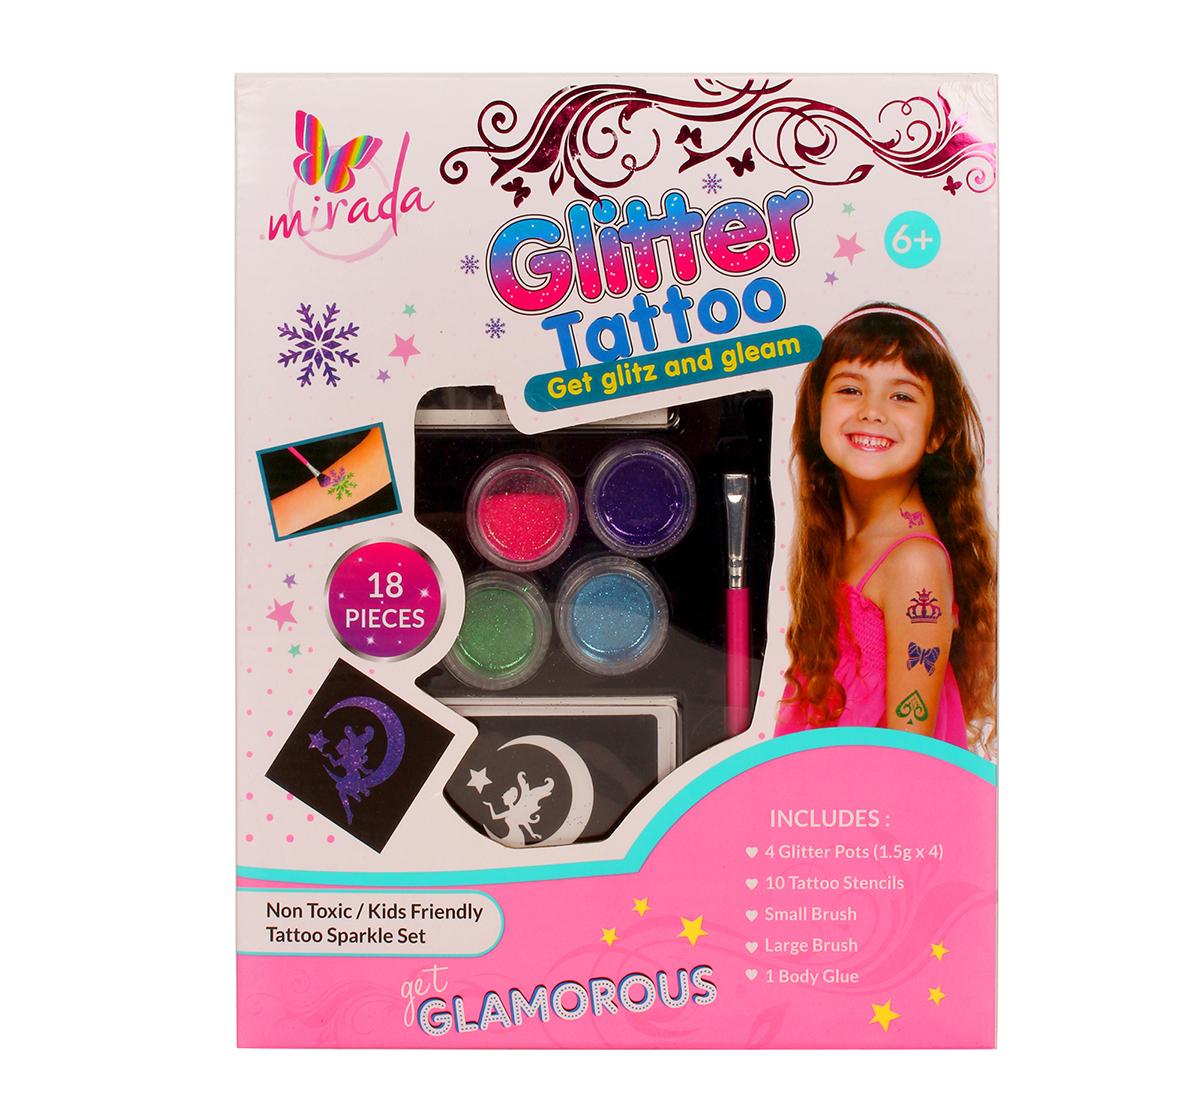 Mirada | Mirada Glitter Tattoo-18 Pcs DIY Art & Craft Kits for Girls age 6Y+